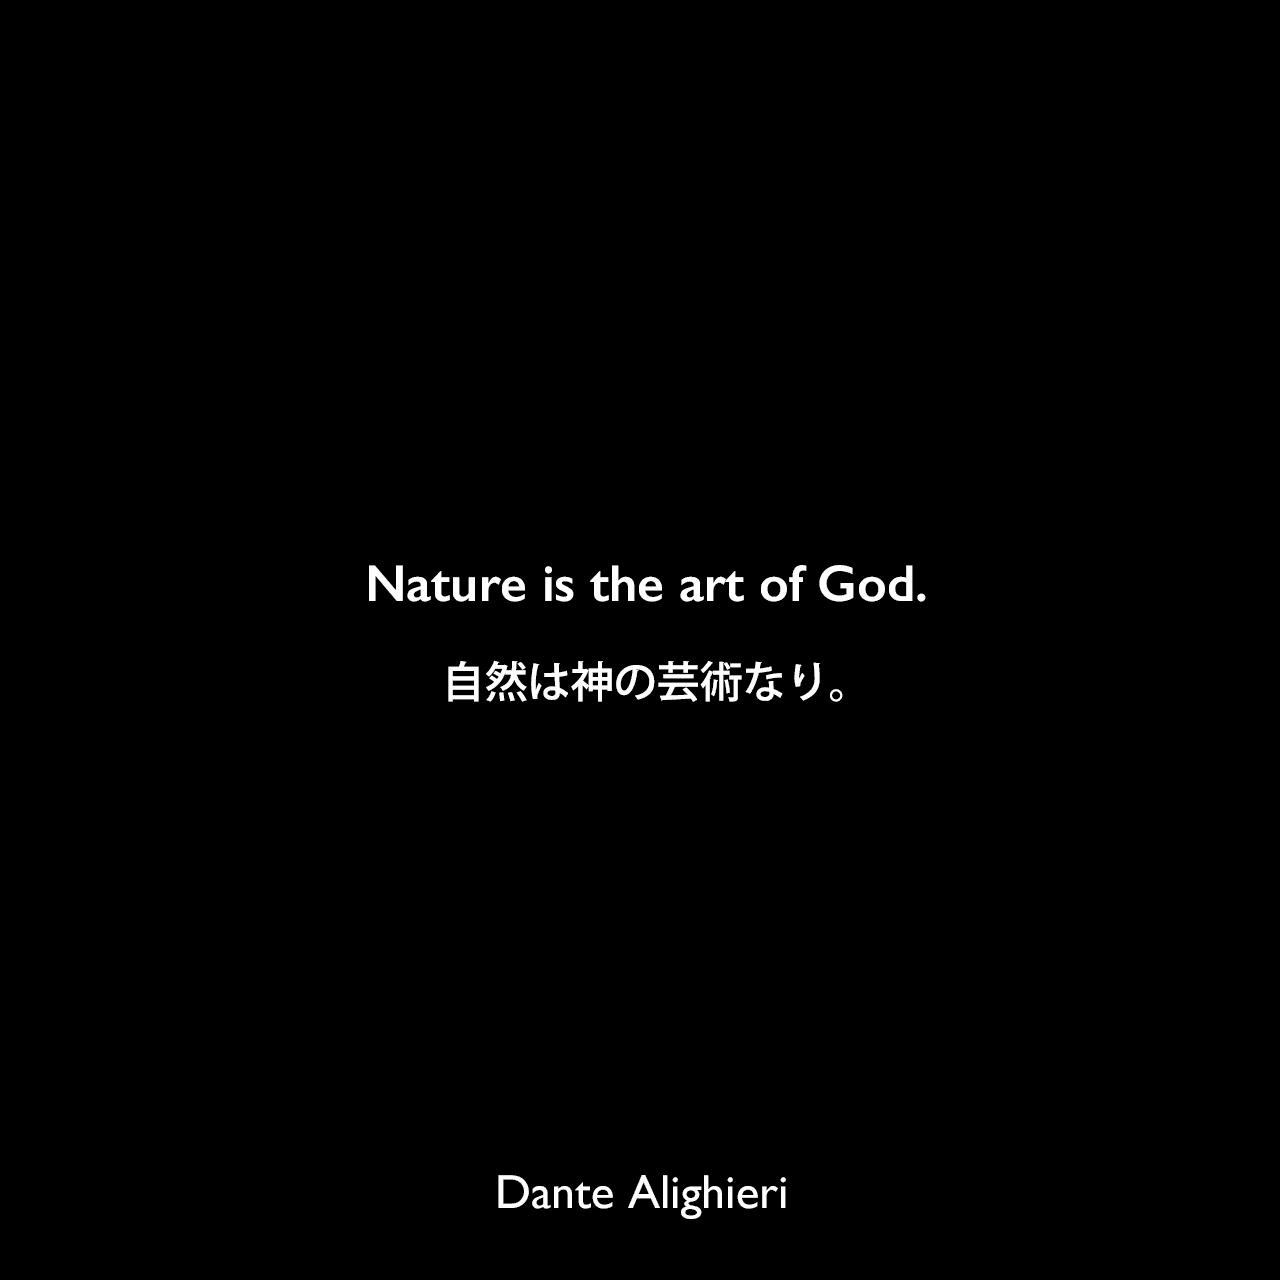 Nature is the art of God.自然は神の芸術なり。Dante Alighieri